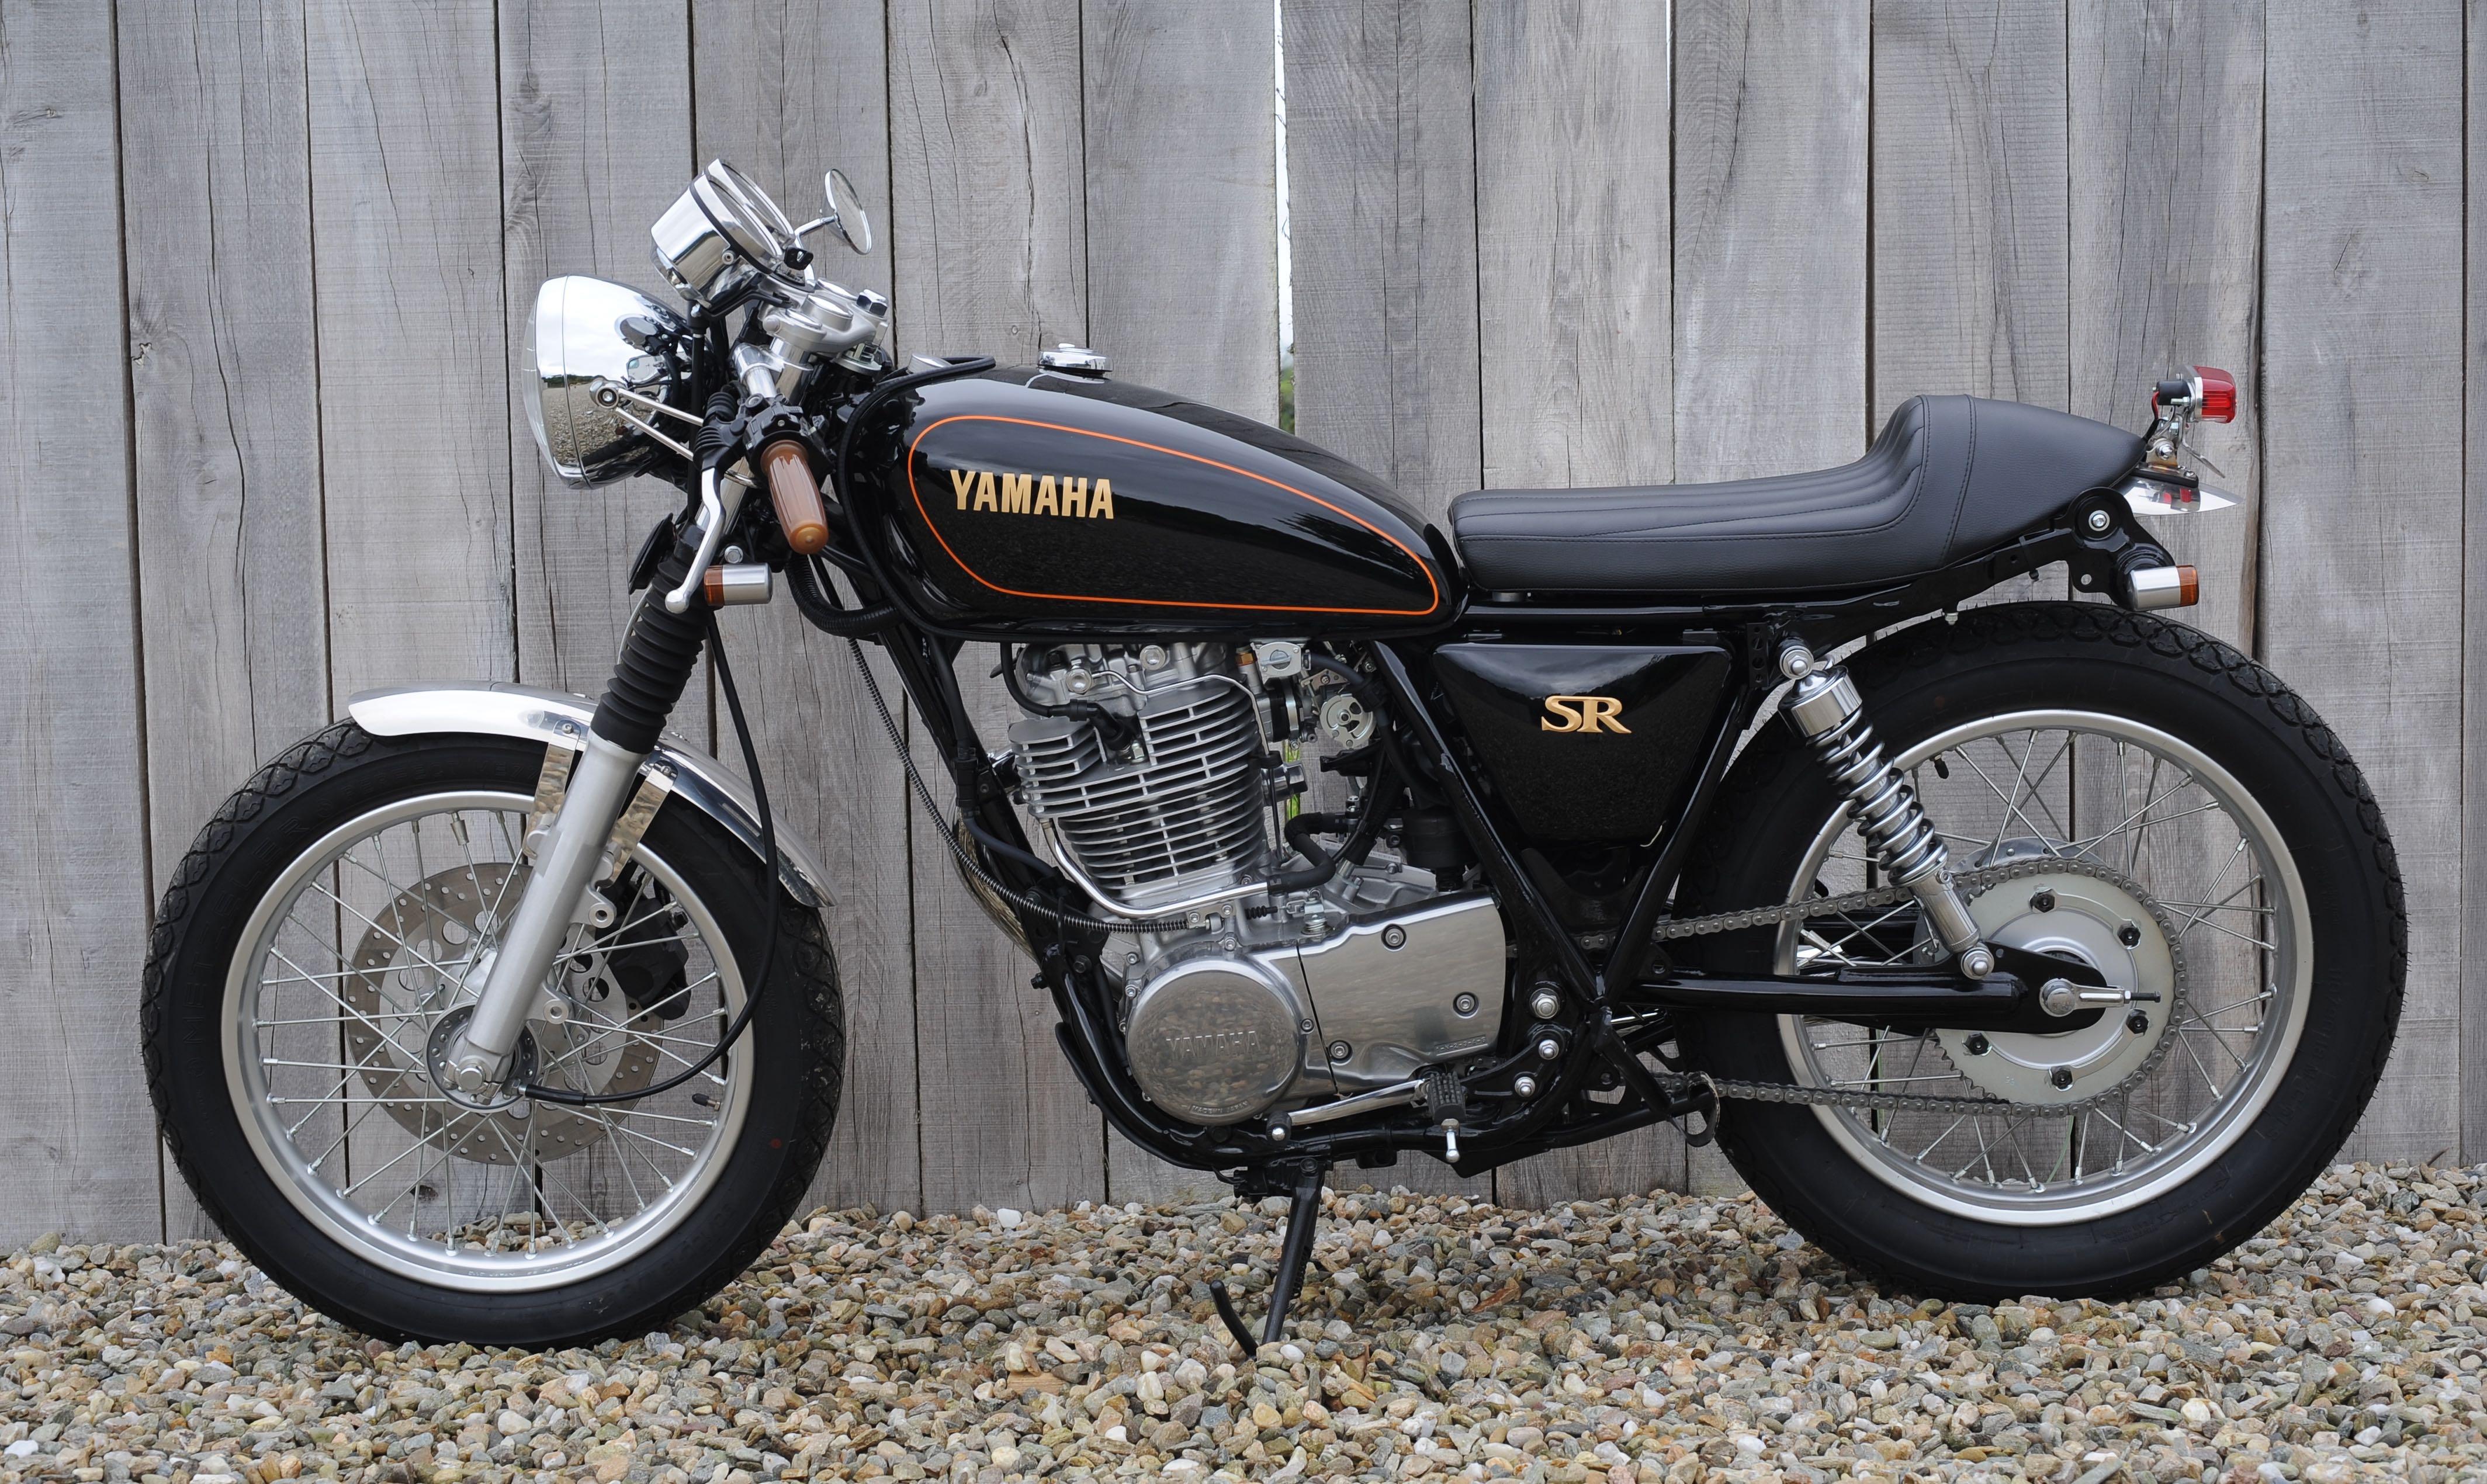 yamaha sr400 cafe racer | sugakiya motor